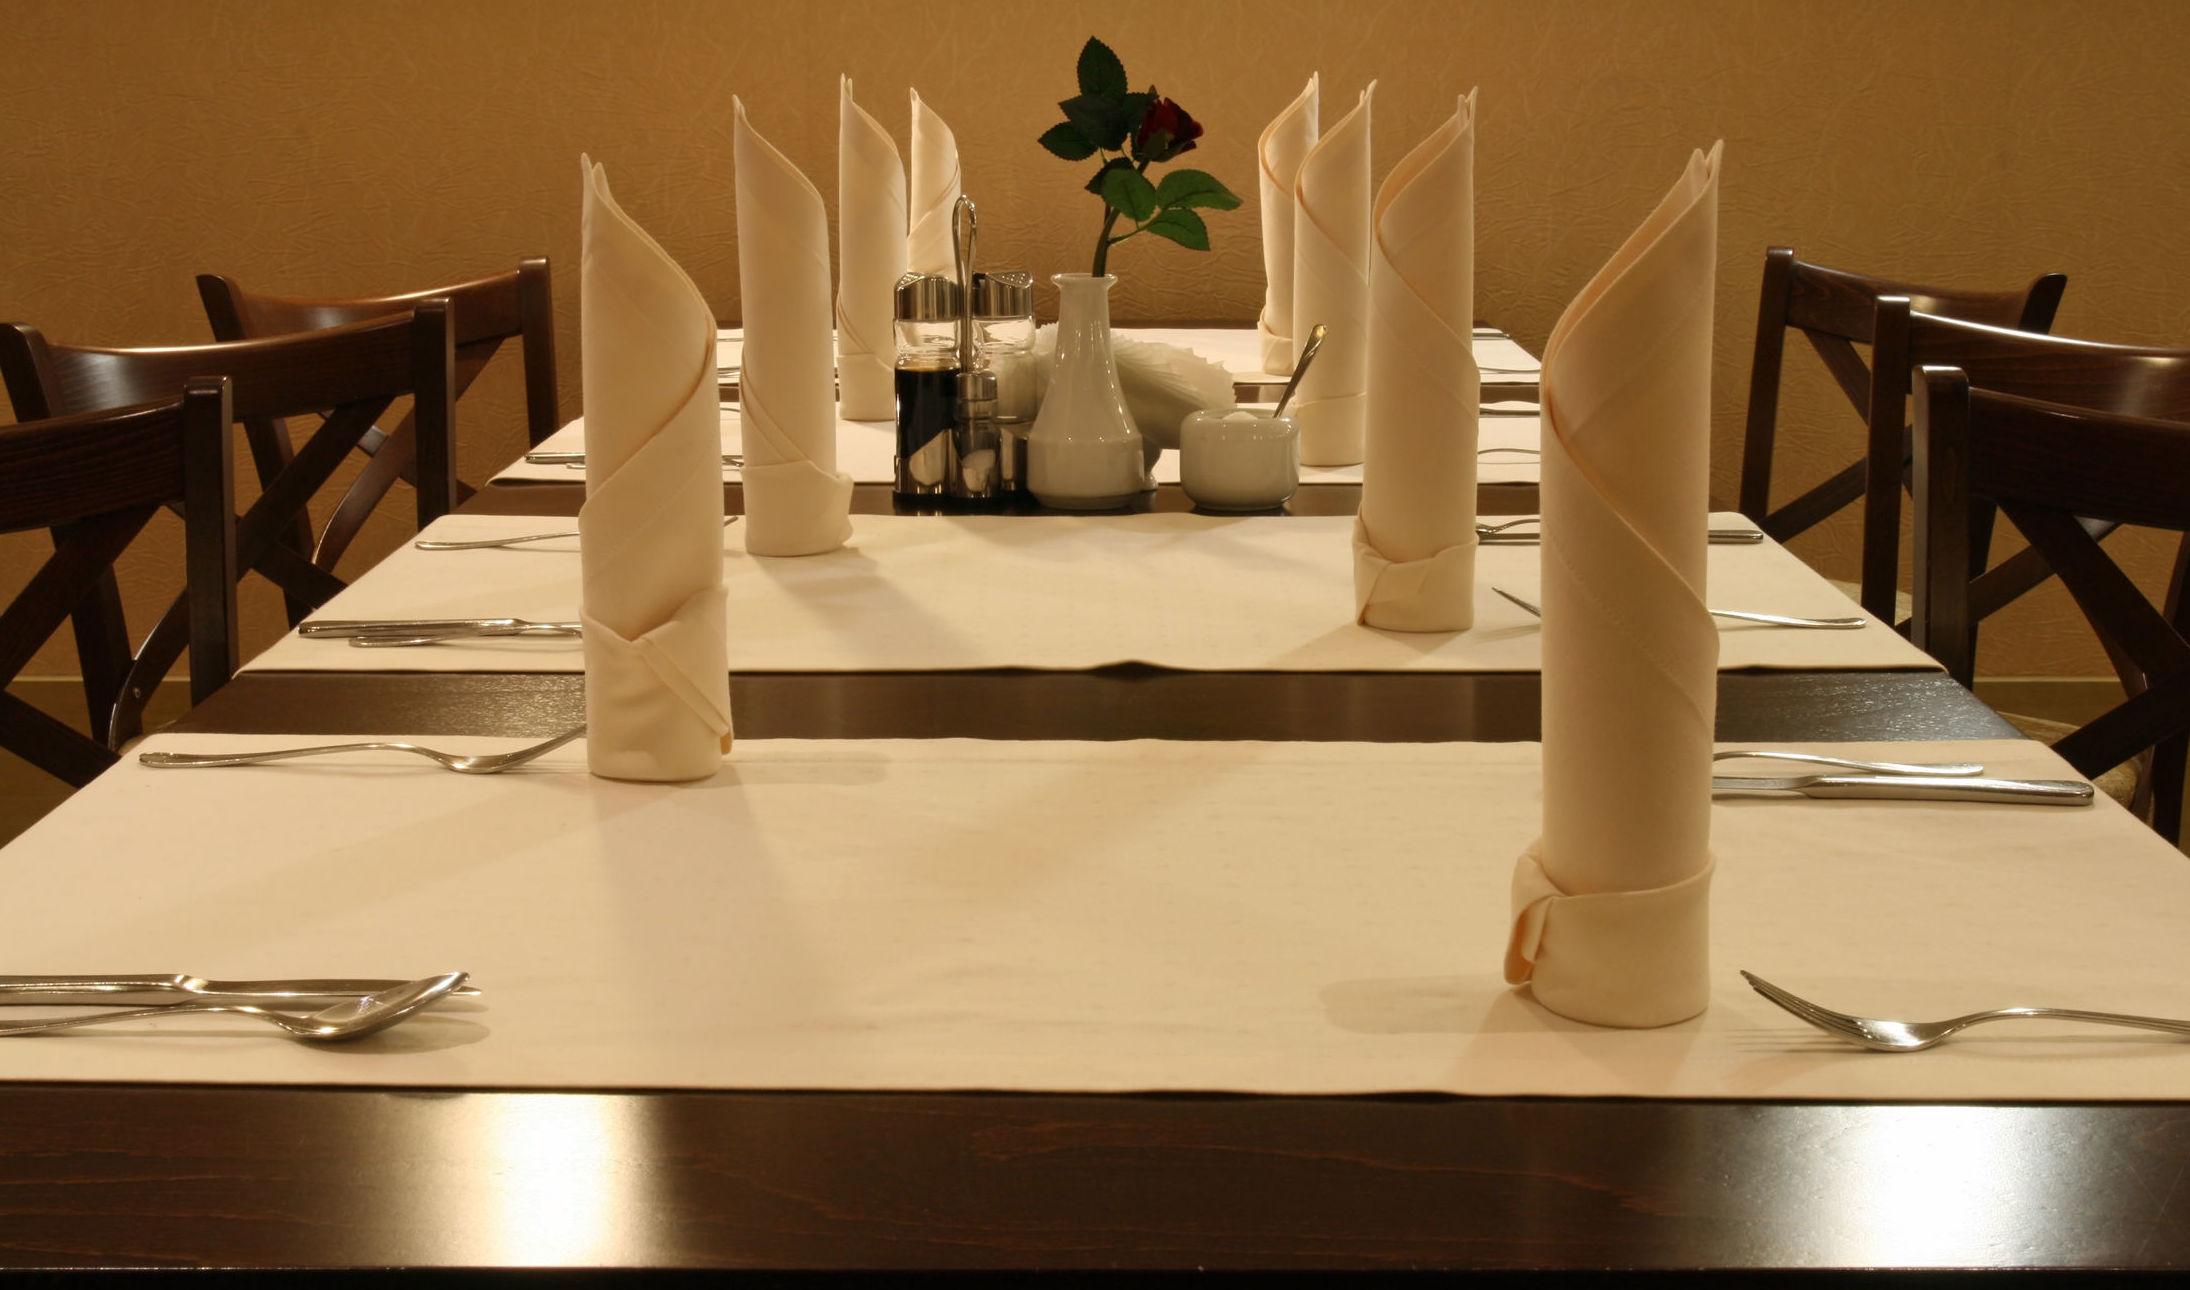 Capacidad para 200 comensales, organizamos banquetes para eventos y celebraciones.